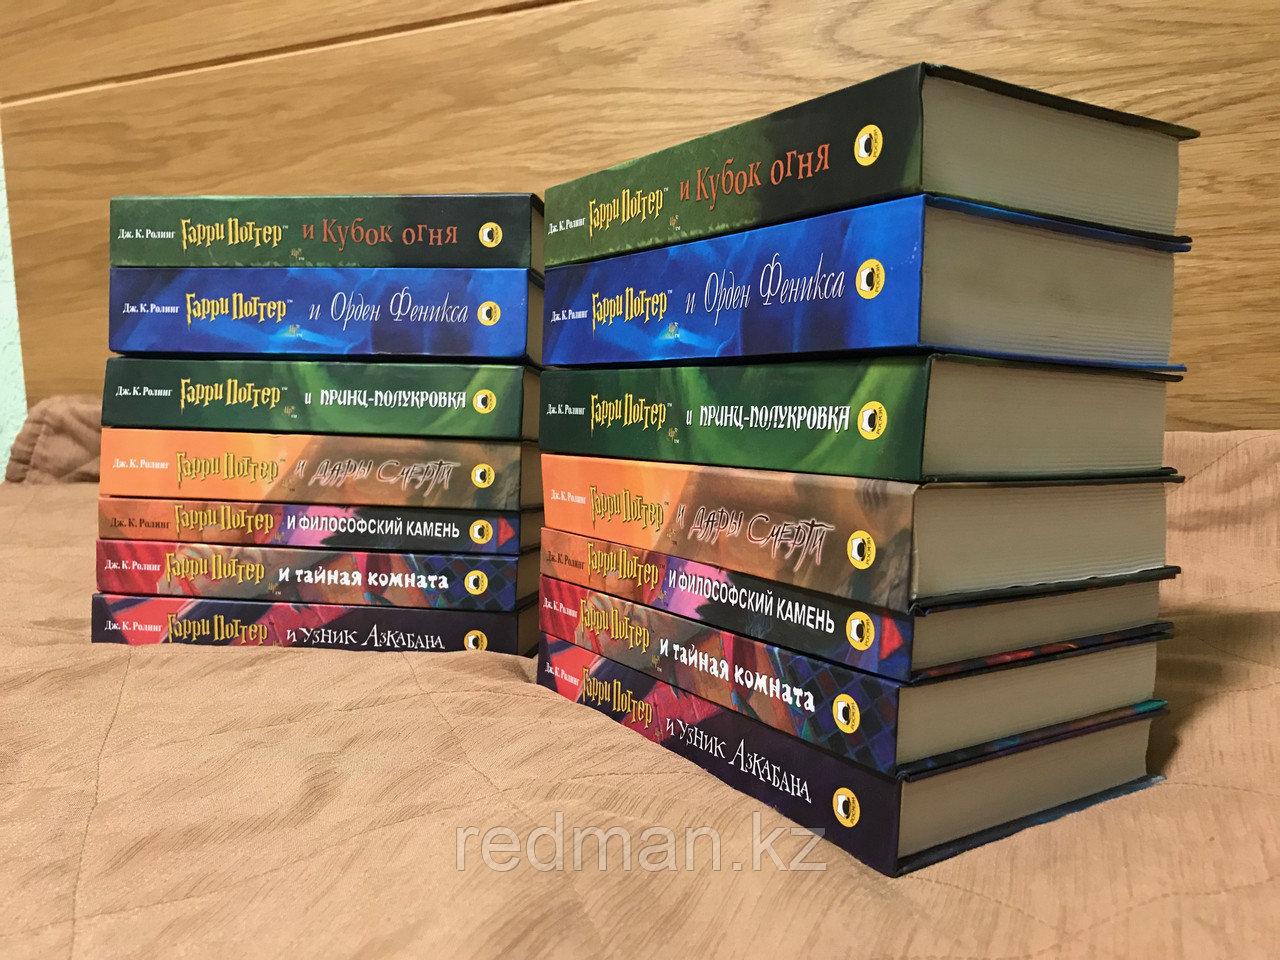 Комплект книг Гарри Поттер в переводе от Росмэн (старый перевод) - фото 2